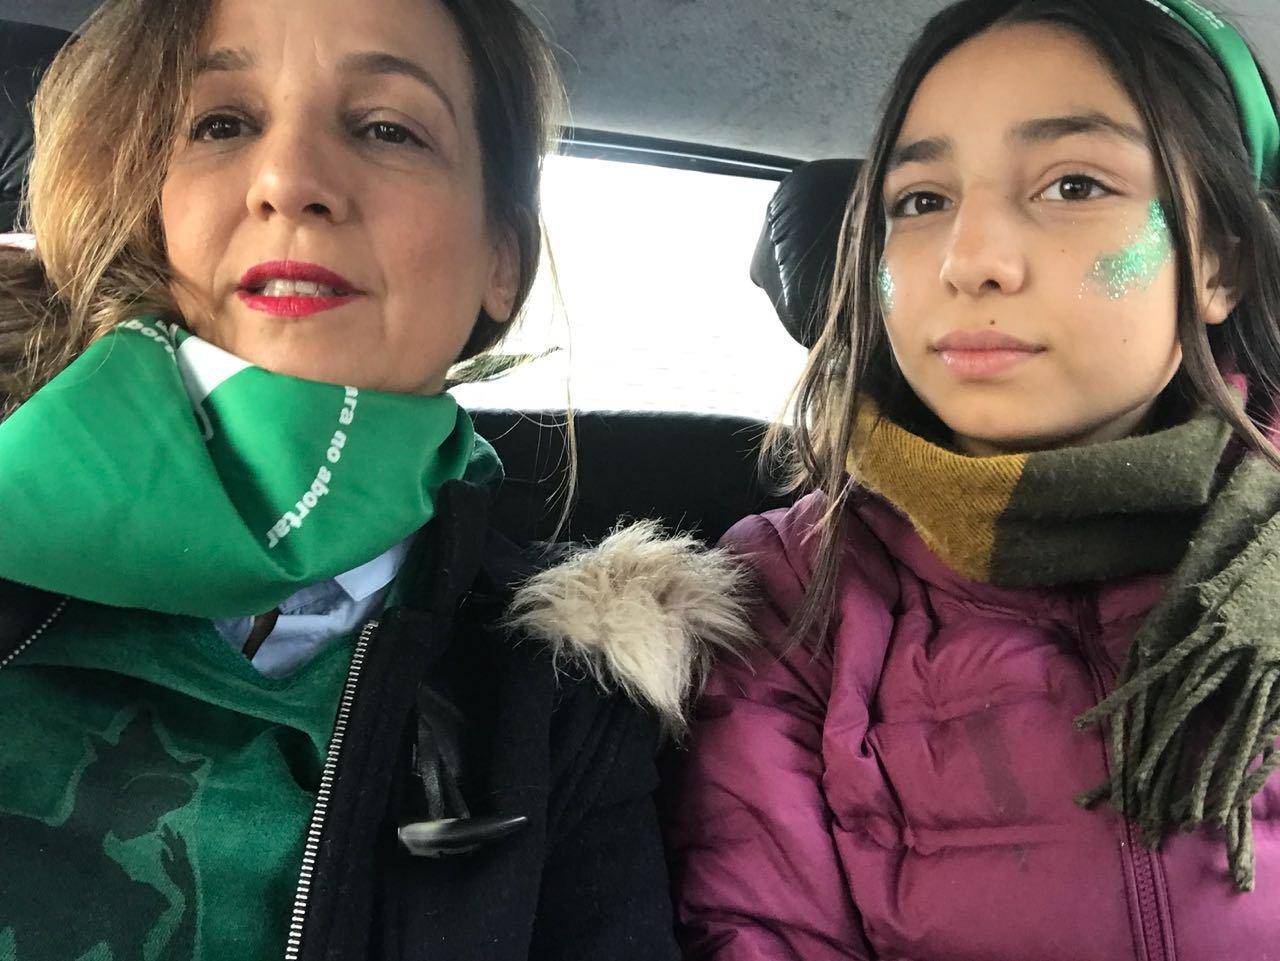 La escritora argentina Cecilia Szperling dirigiendose  con su hija Lola a la marcha frente al Congreso para reclamar una ley de aborto legal, seguro y gratuito.